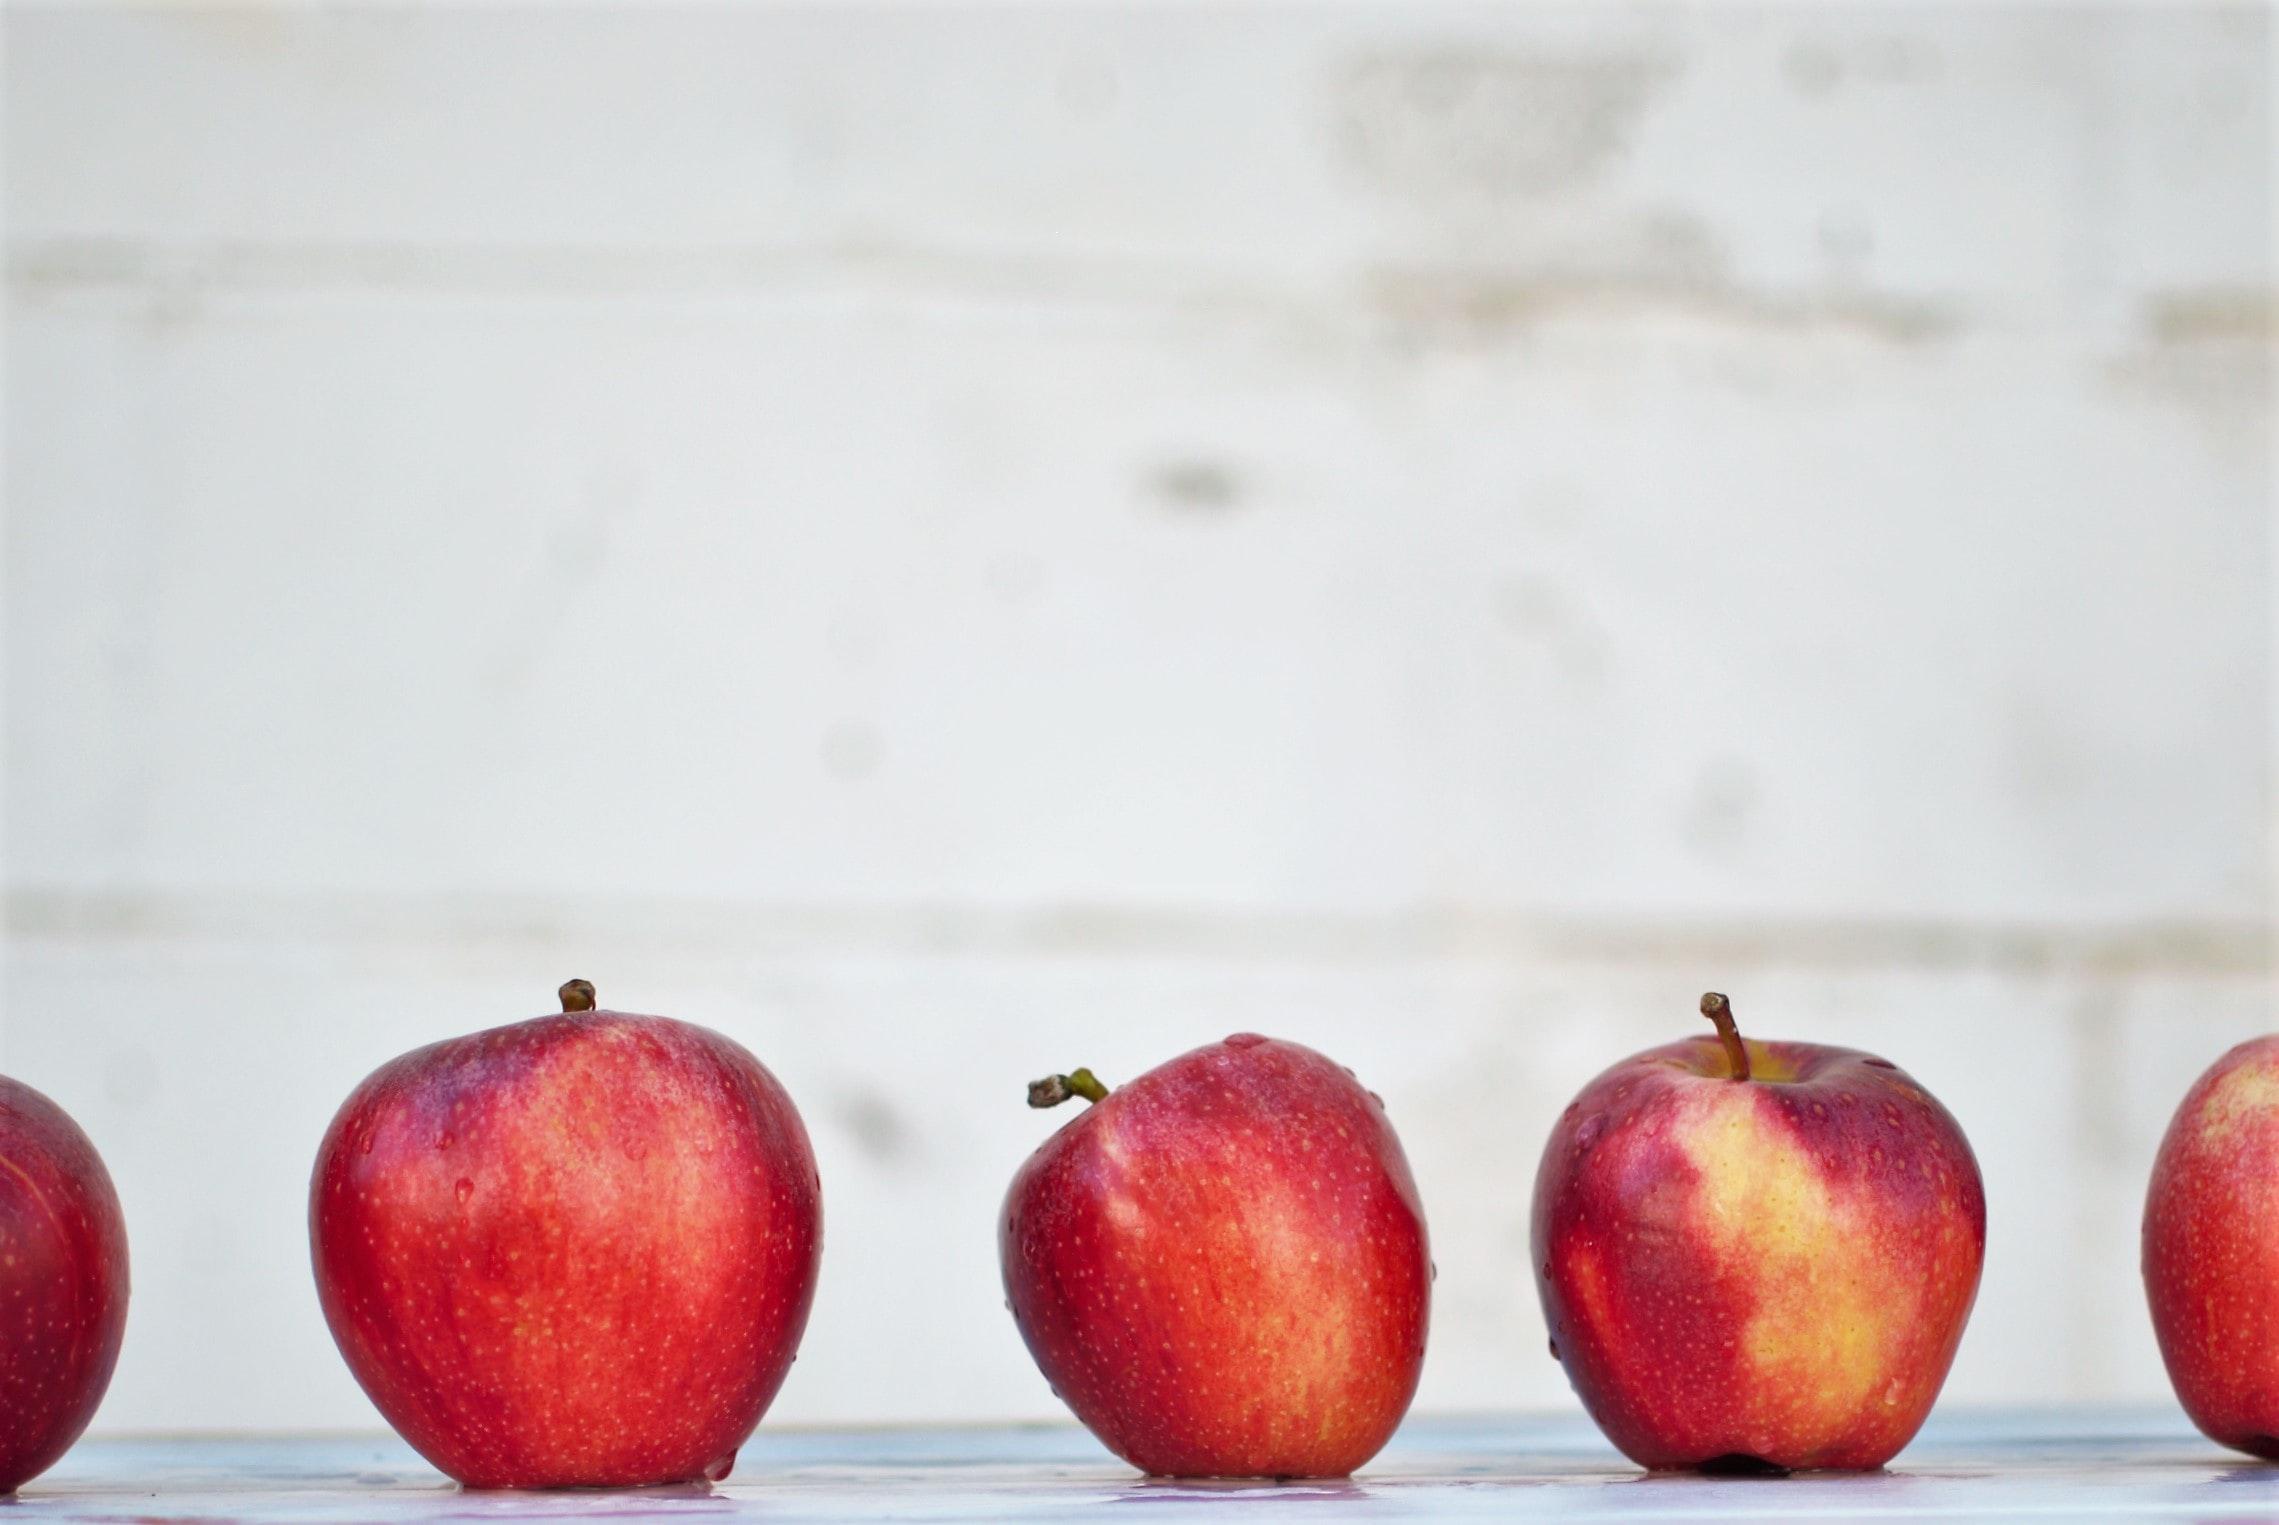 Lait, Fruits et Légumes à l'école : le Ministre Willy BORSUS encourage la participation au programme européen « Progécole »